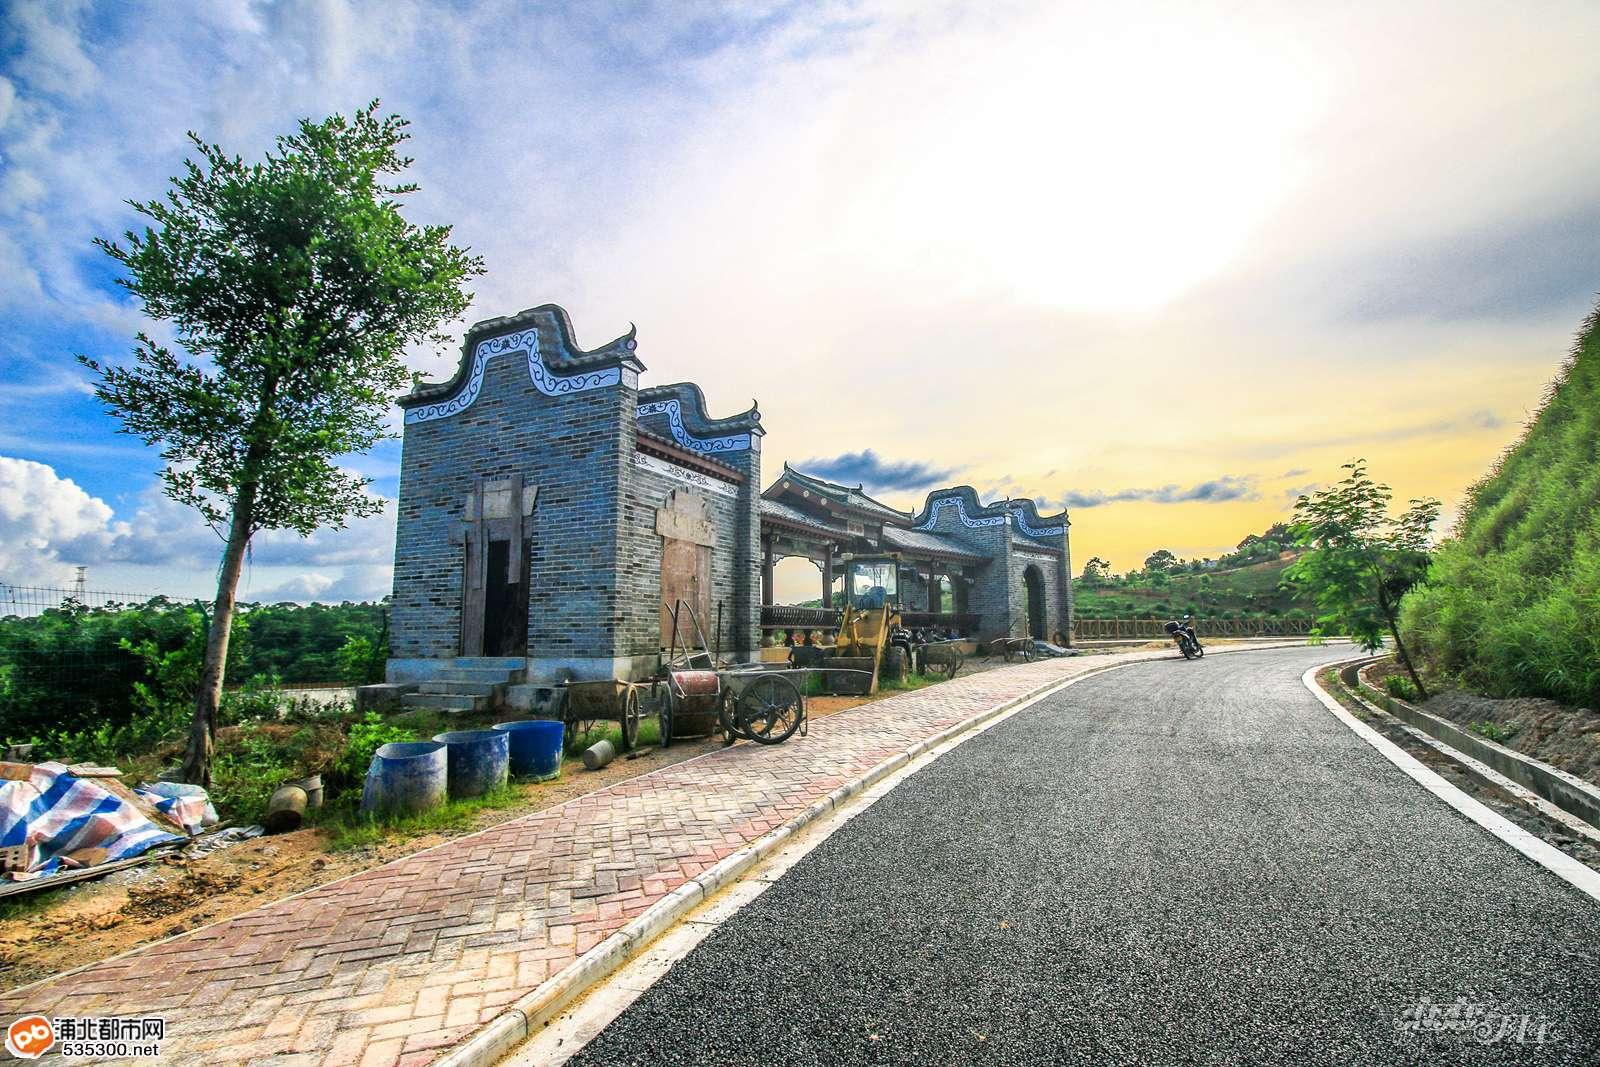 浦北1.2亿五仙湖公园初具规模,园内设施逐步完善